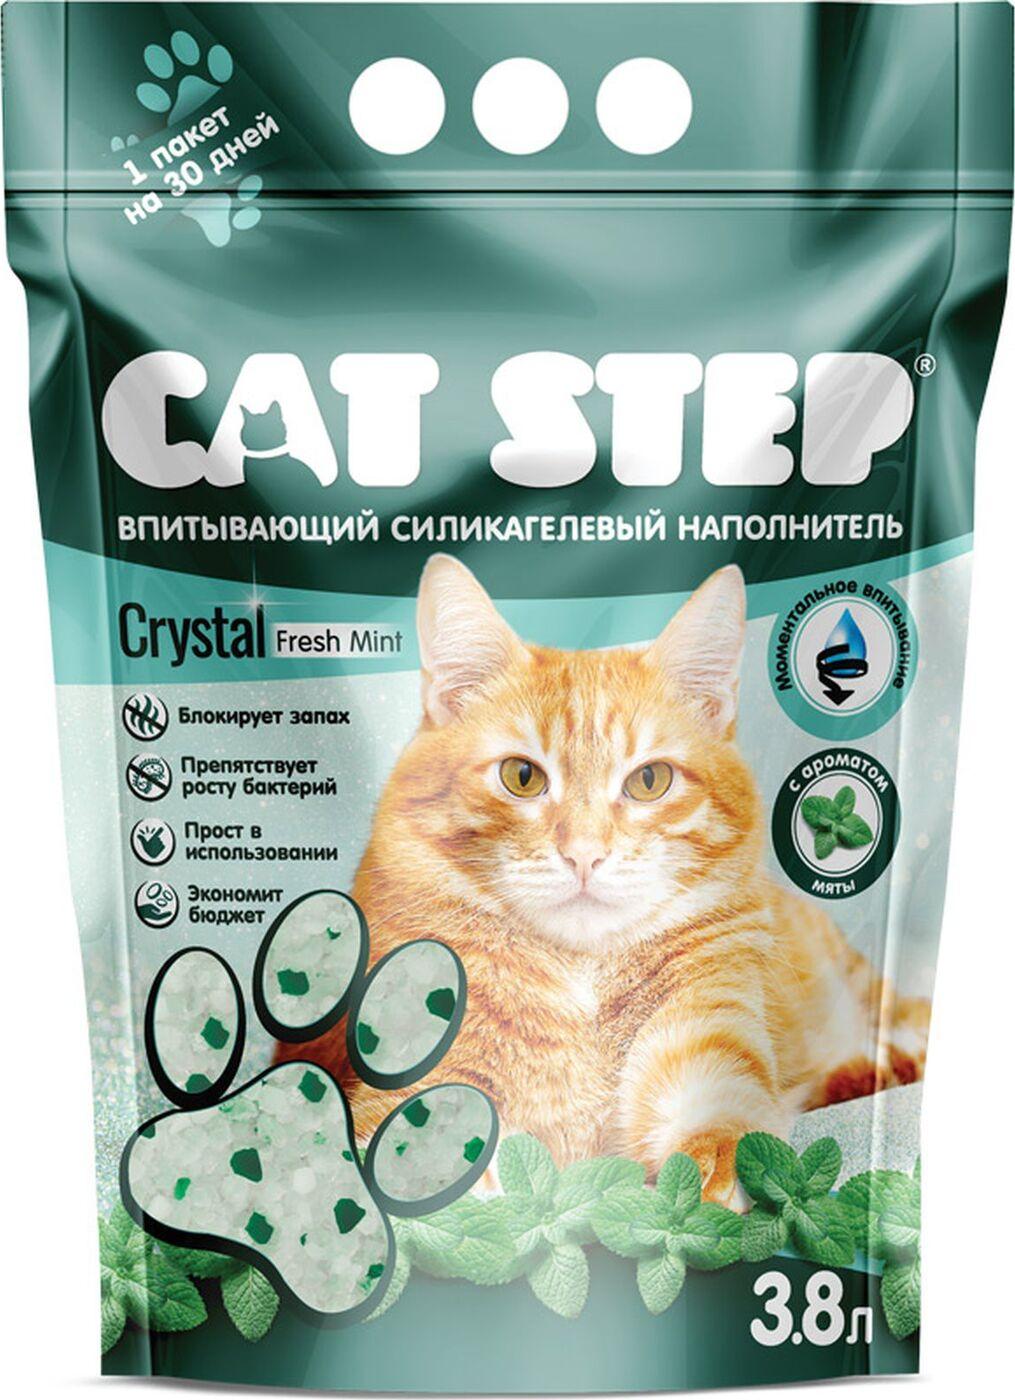 Наполнитель для кошачьего туалета Cat Step Crystal Fresh Mint силикагелевый мята 1,67 кг